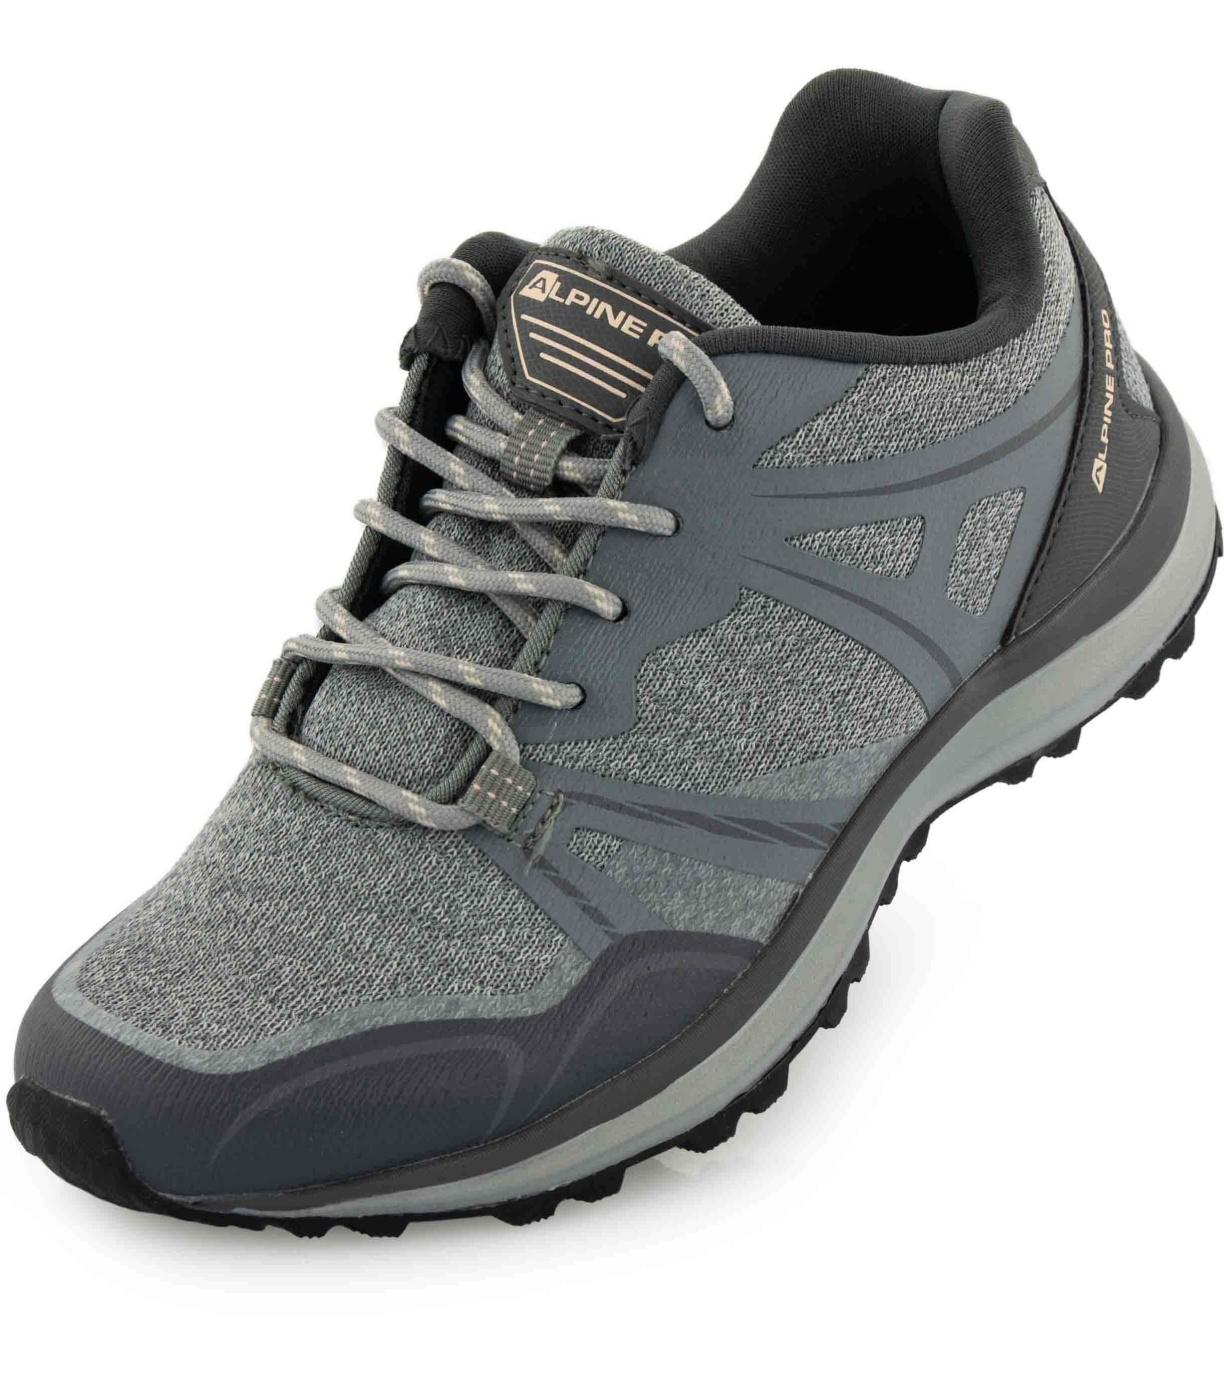 ALPINE PRO SVATA Dámská outdoorová obuv LBTP225774G šedá 36